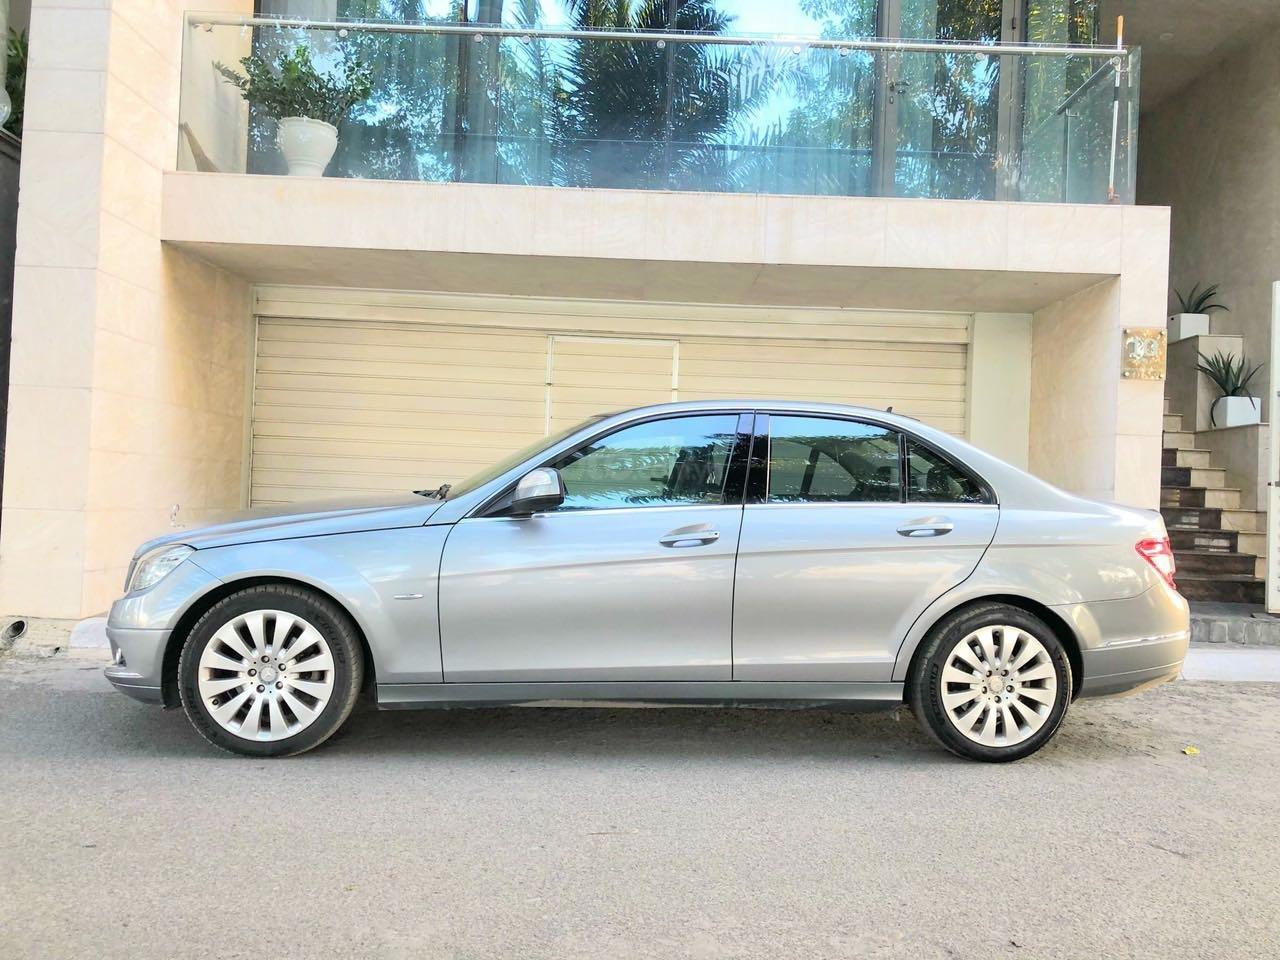 Bán xe Mercedes-Benz C class đăng ký lần đầu 2008, mới 95% giá tốt 415 triệu đồng (2)